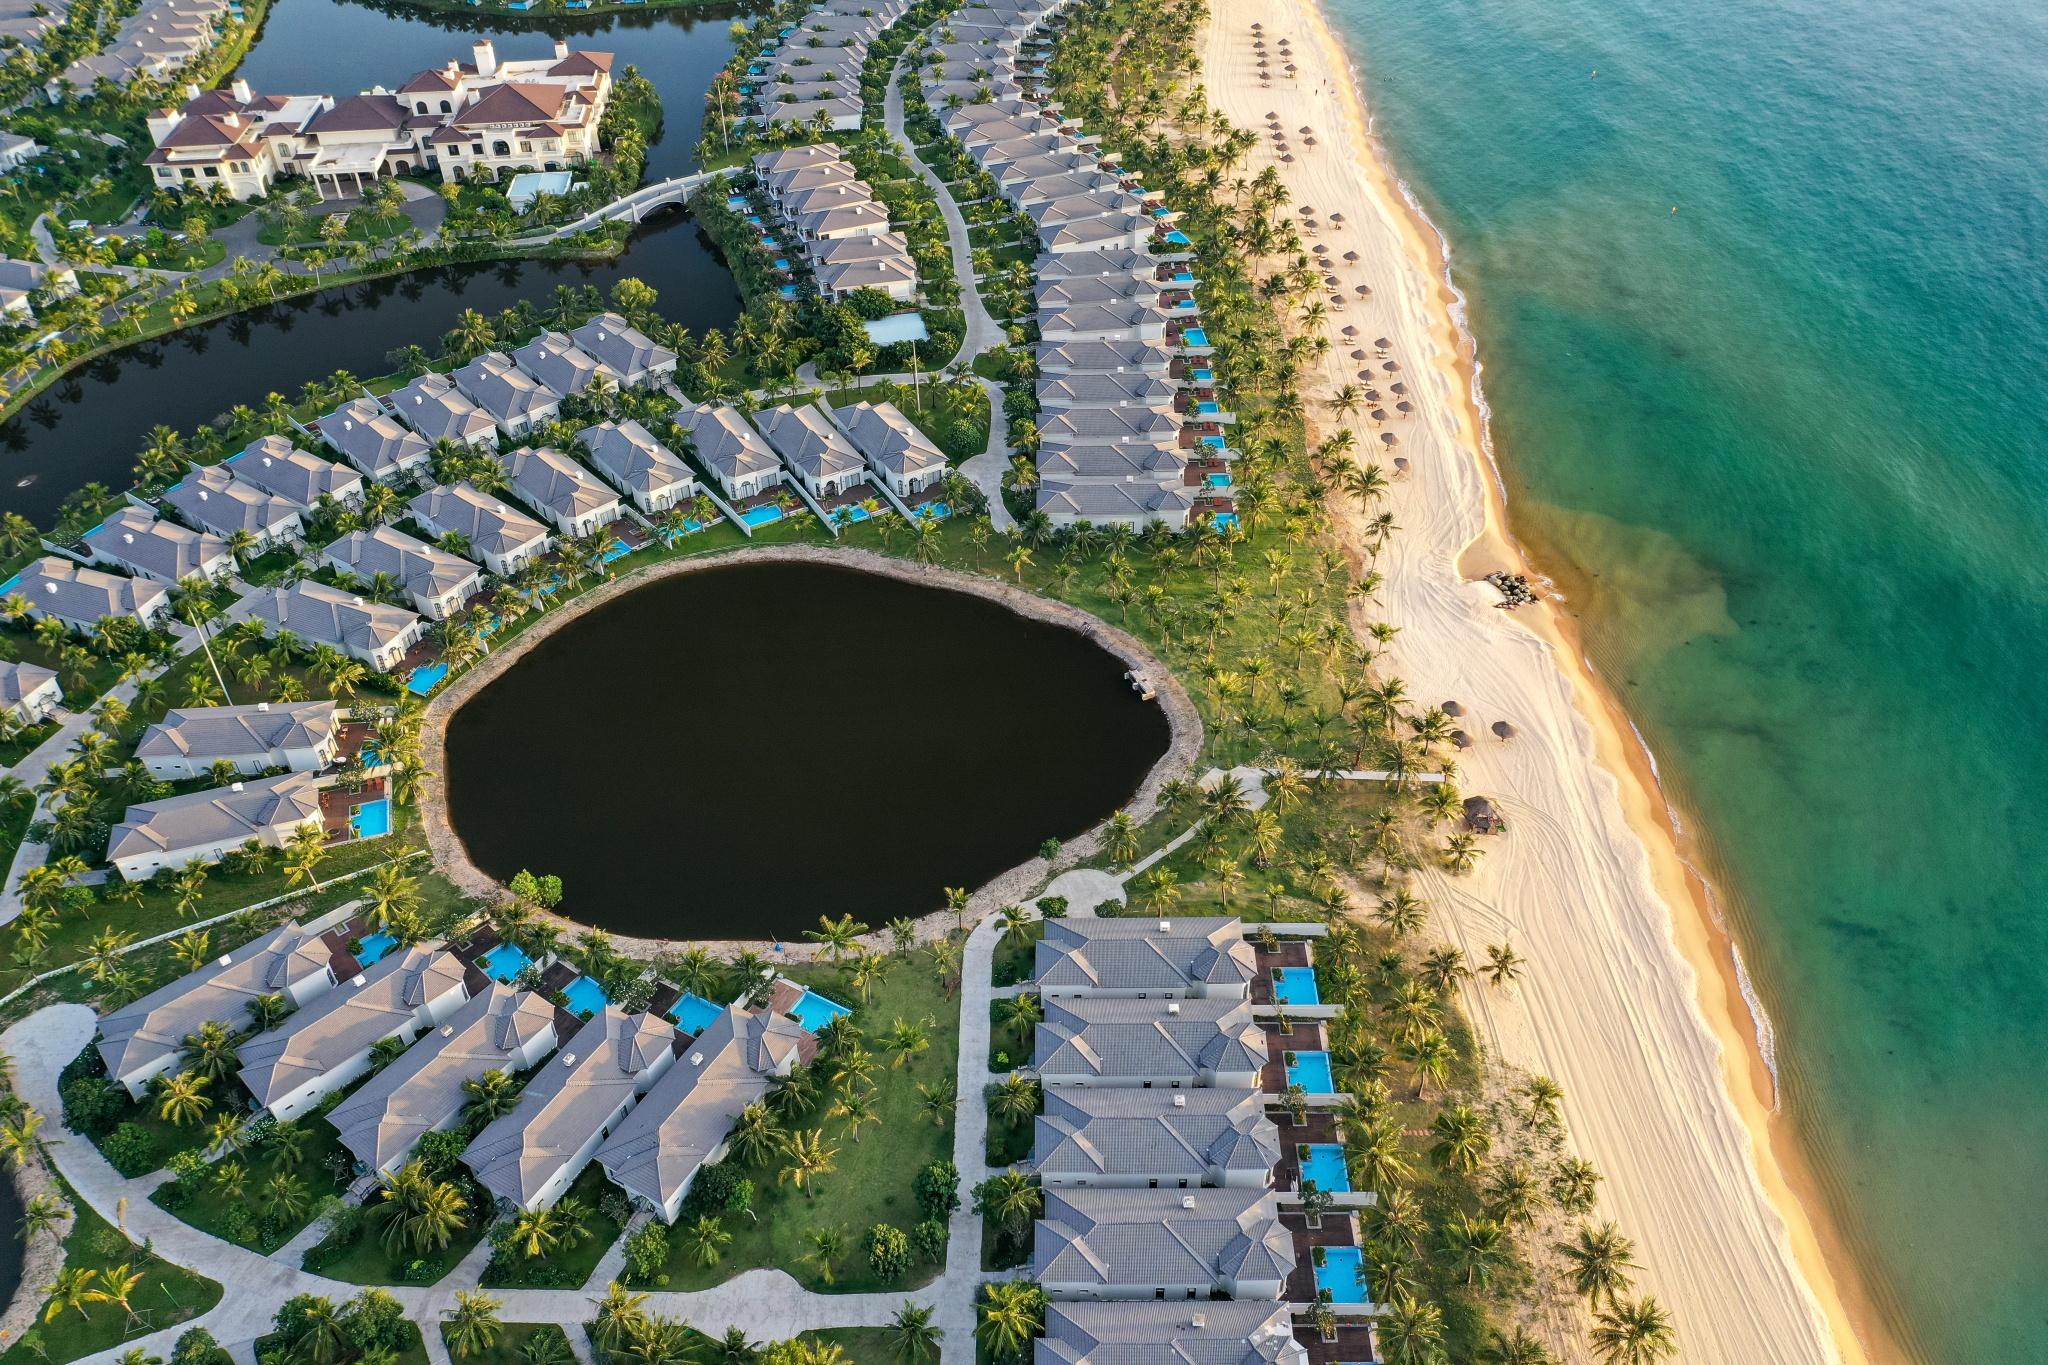 mo cua du lich phu quoc anh 5  - phuquoc_zing31 - Tổng cục Du lịch: Đã tính việc xử lý sự cố khi đón khách đến Phú Quốc